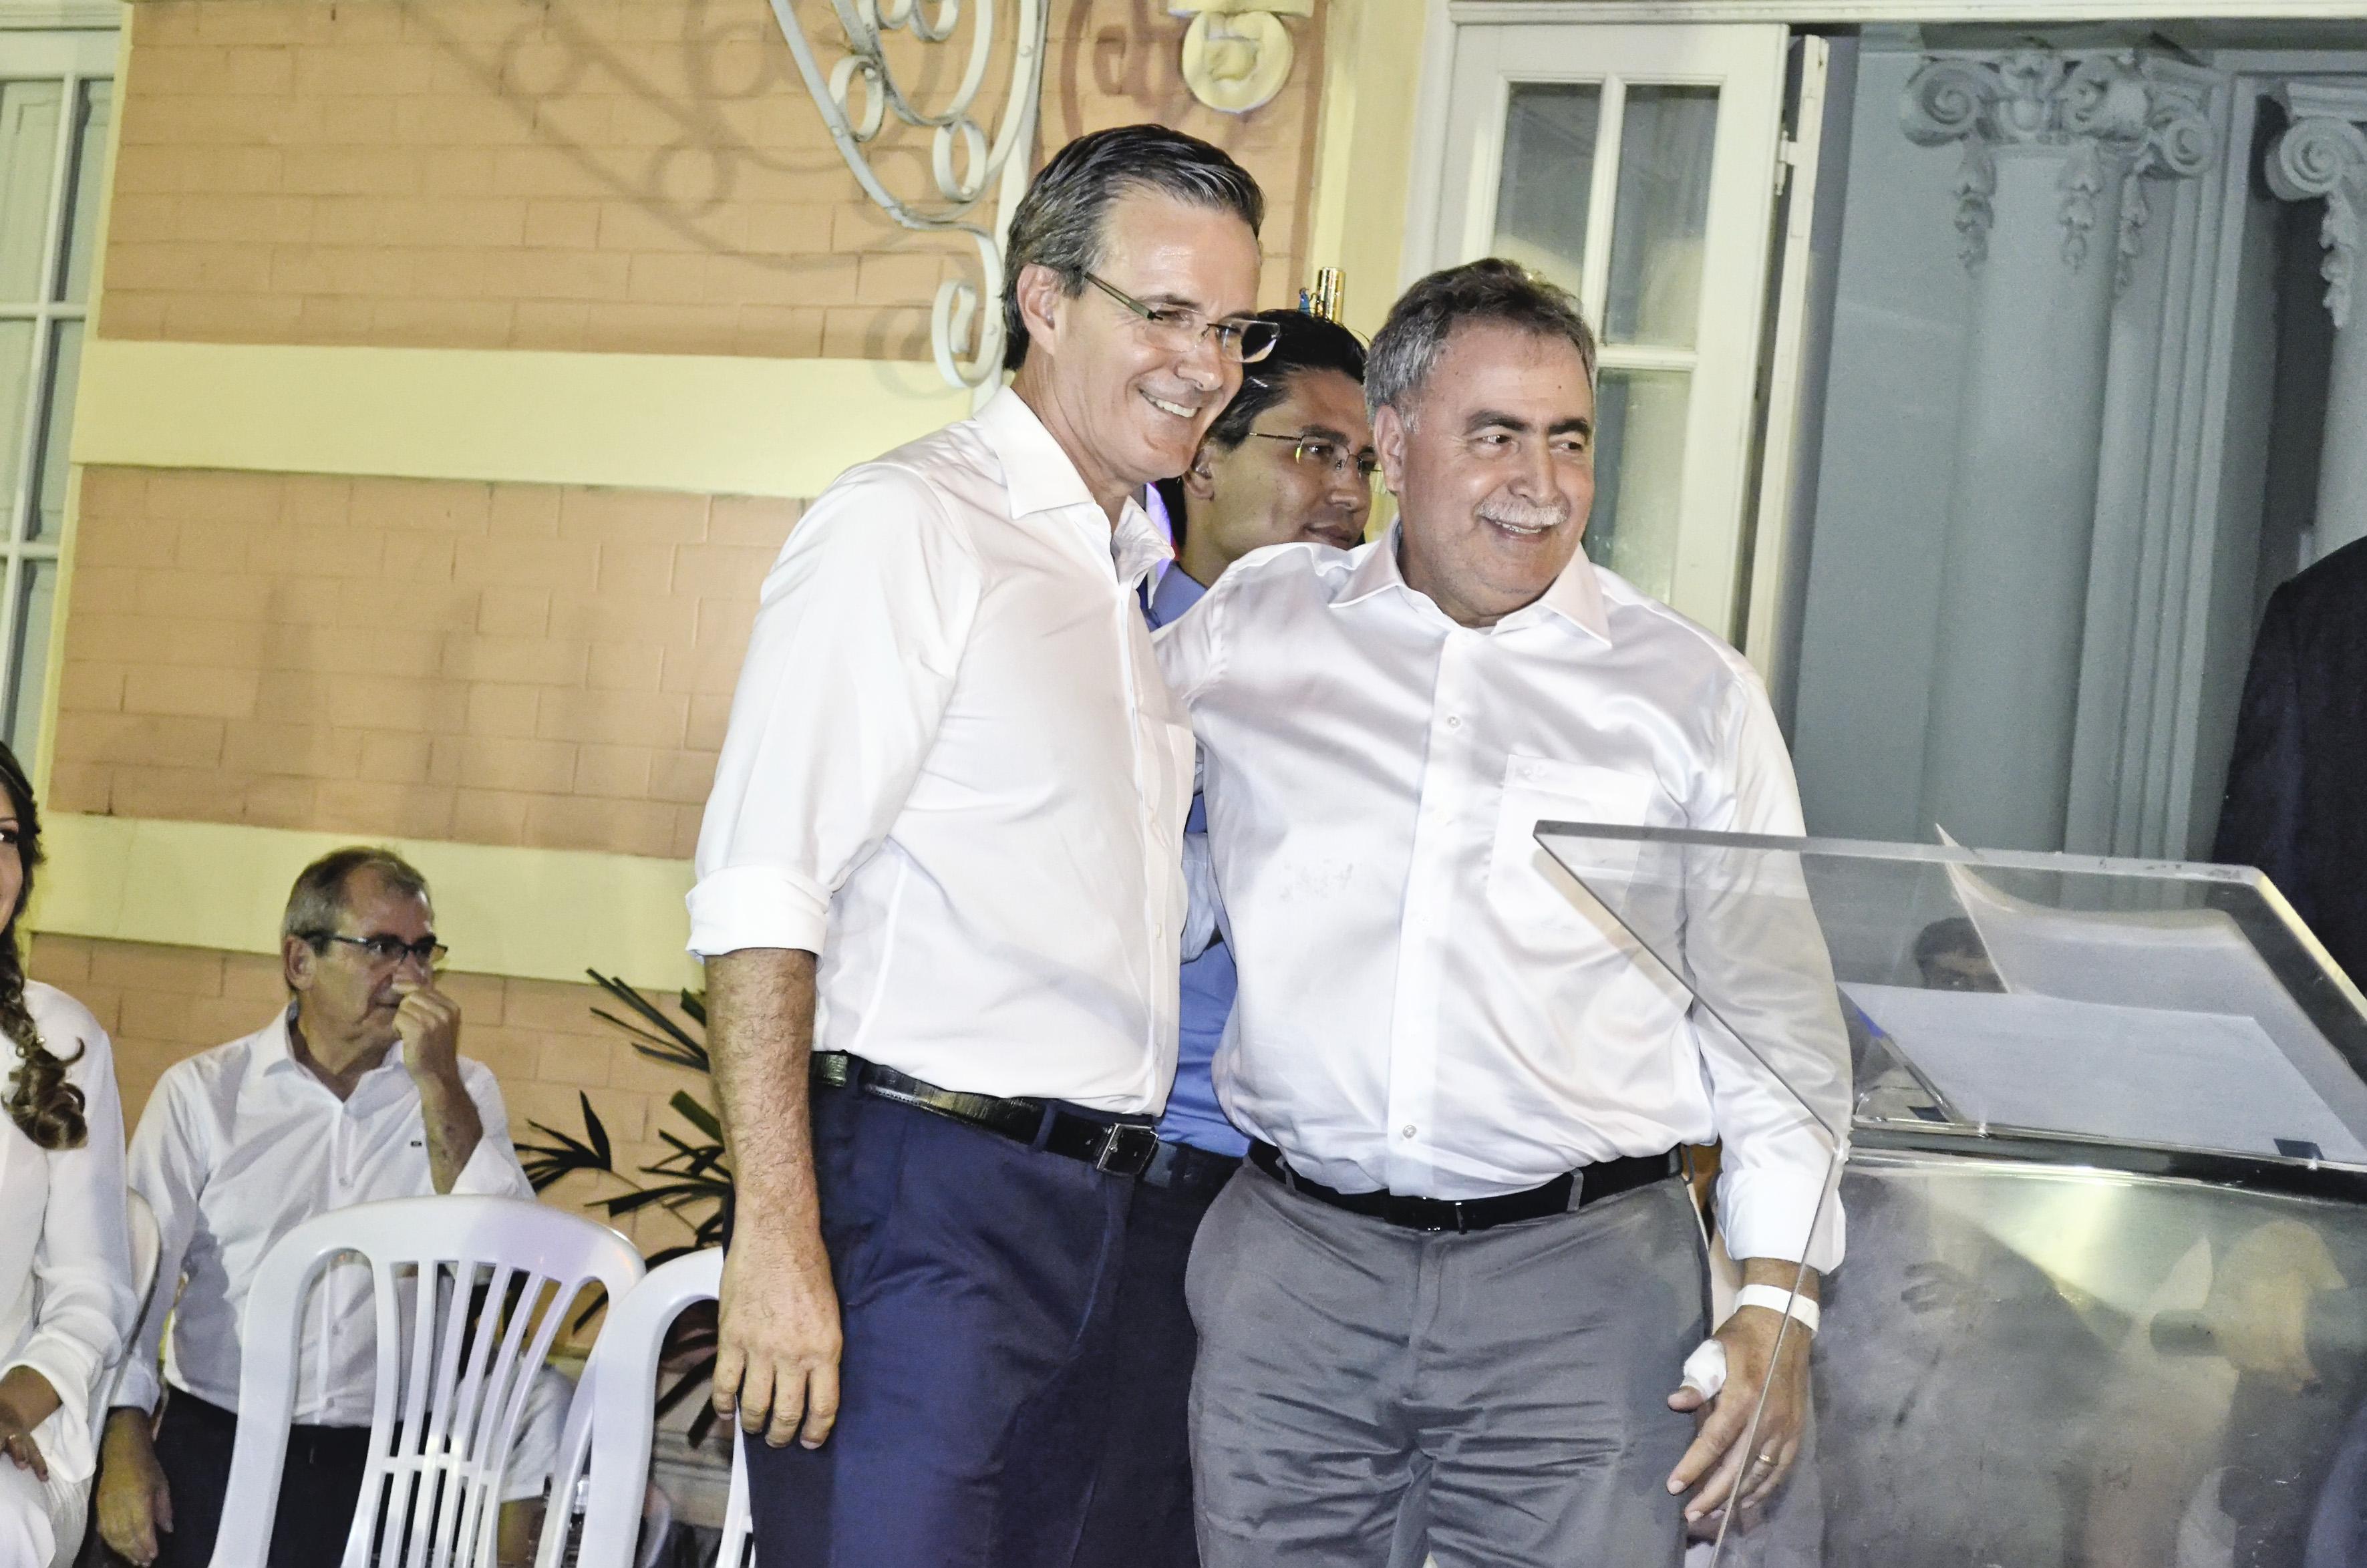 O prefeito Marcus Soliva e o diretor do Saeg, Miguel Sampaio na cerimônia de posse, no último domingo (Foto: Leandro Oliveira)